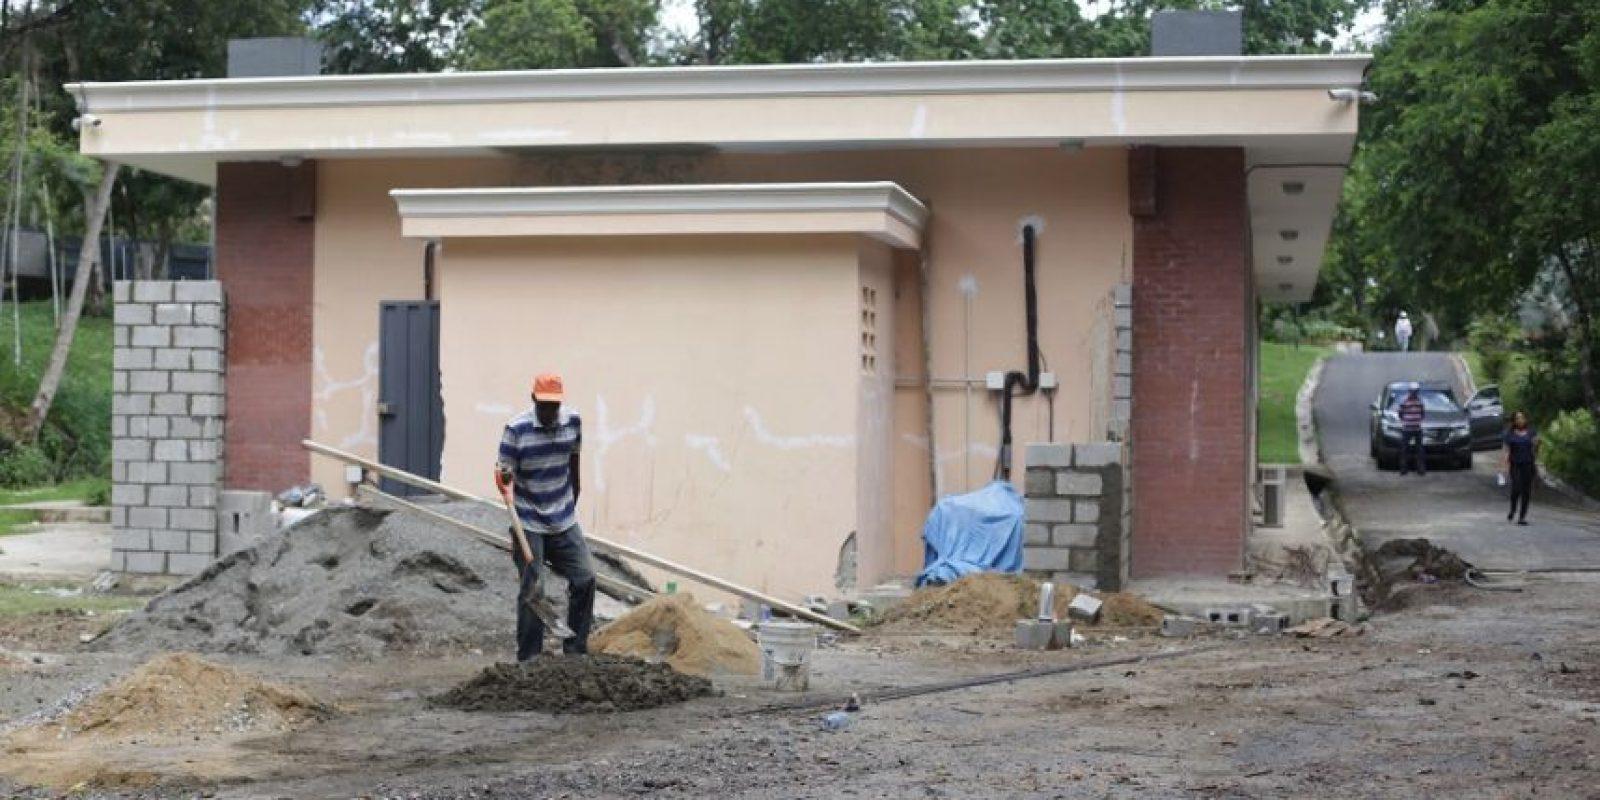 Aquí estará el banco de semillas del parque, pero tiene dos años en construcción y la falta de recursos hace imposible su terminación. Foto:ROBERTO GUZMÁN